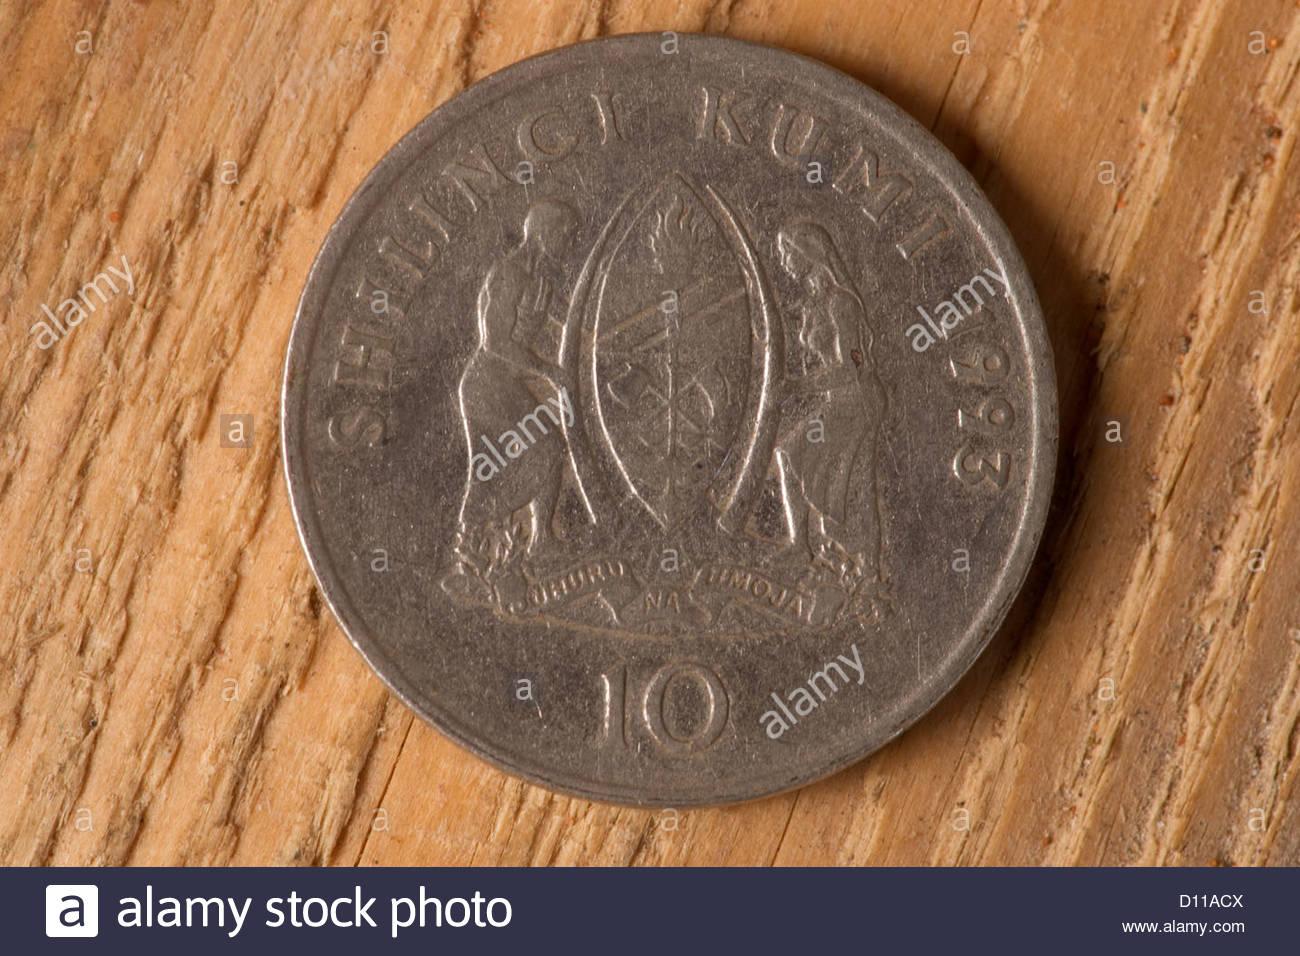 Afrikanische Geld Münze Münzen Cash änderung Geschäft Kaufen